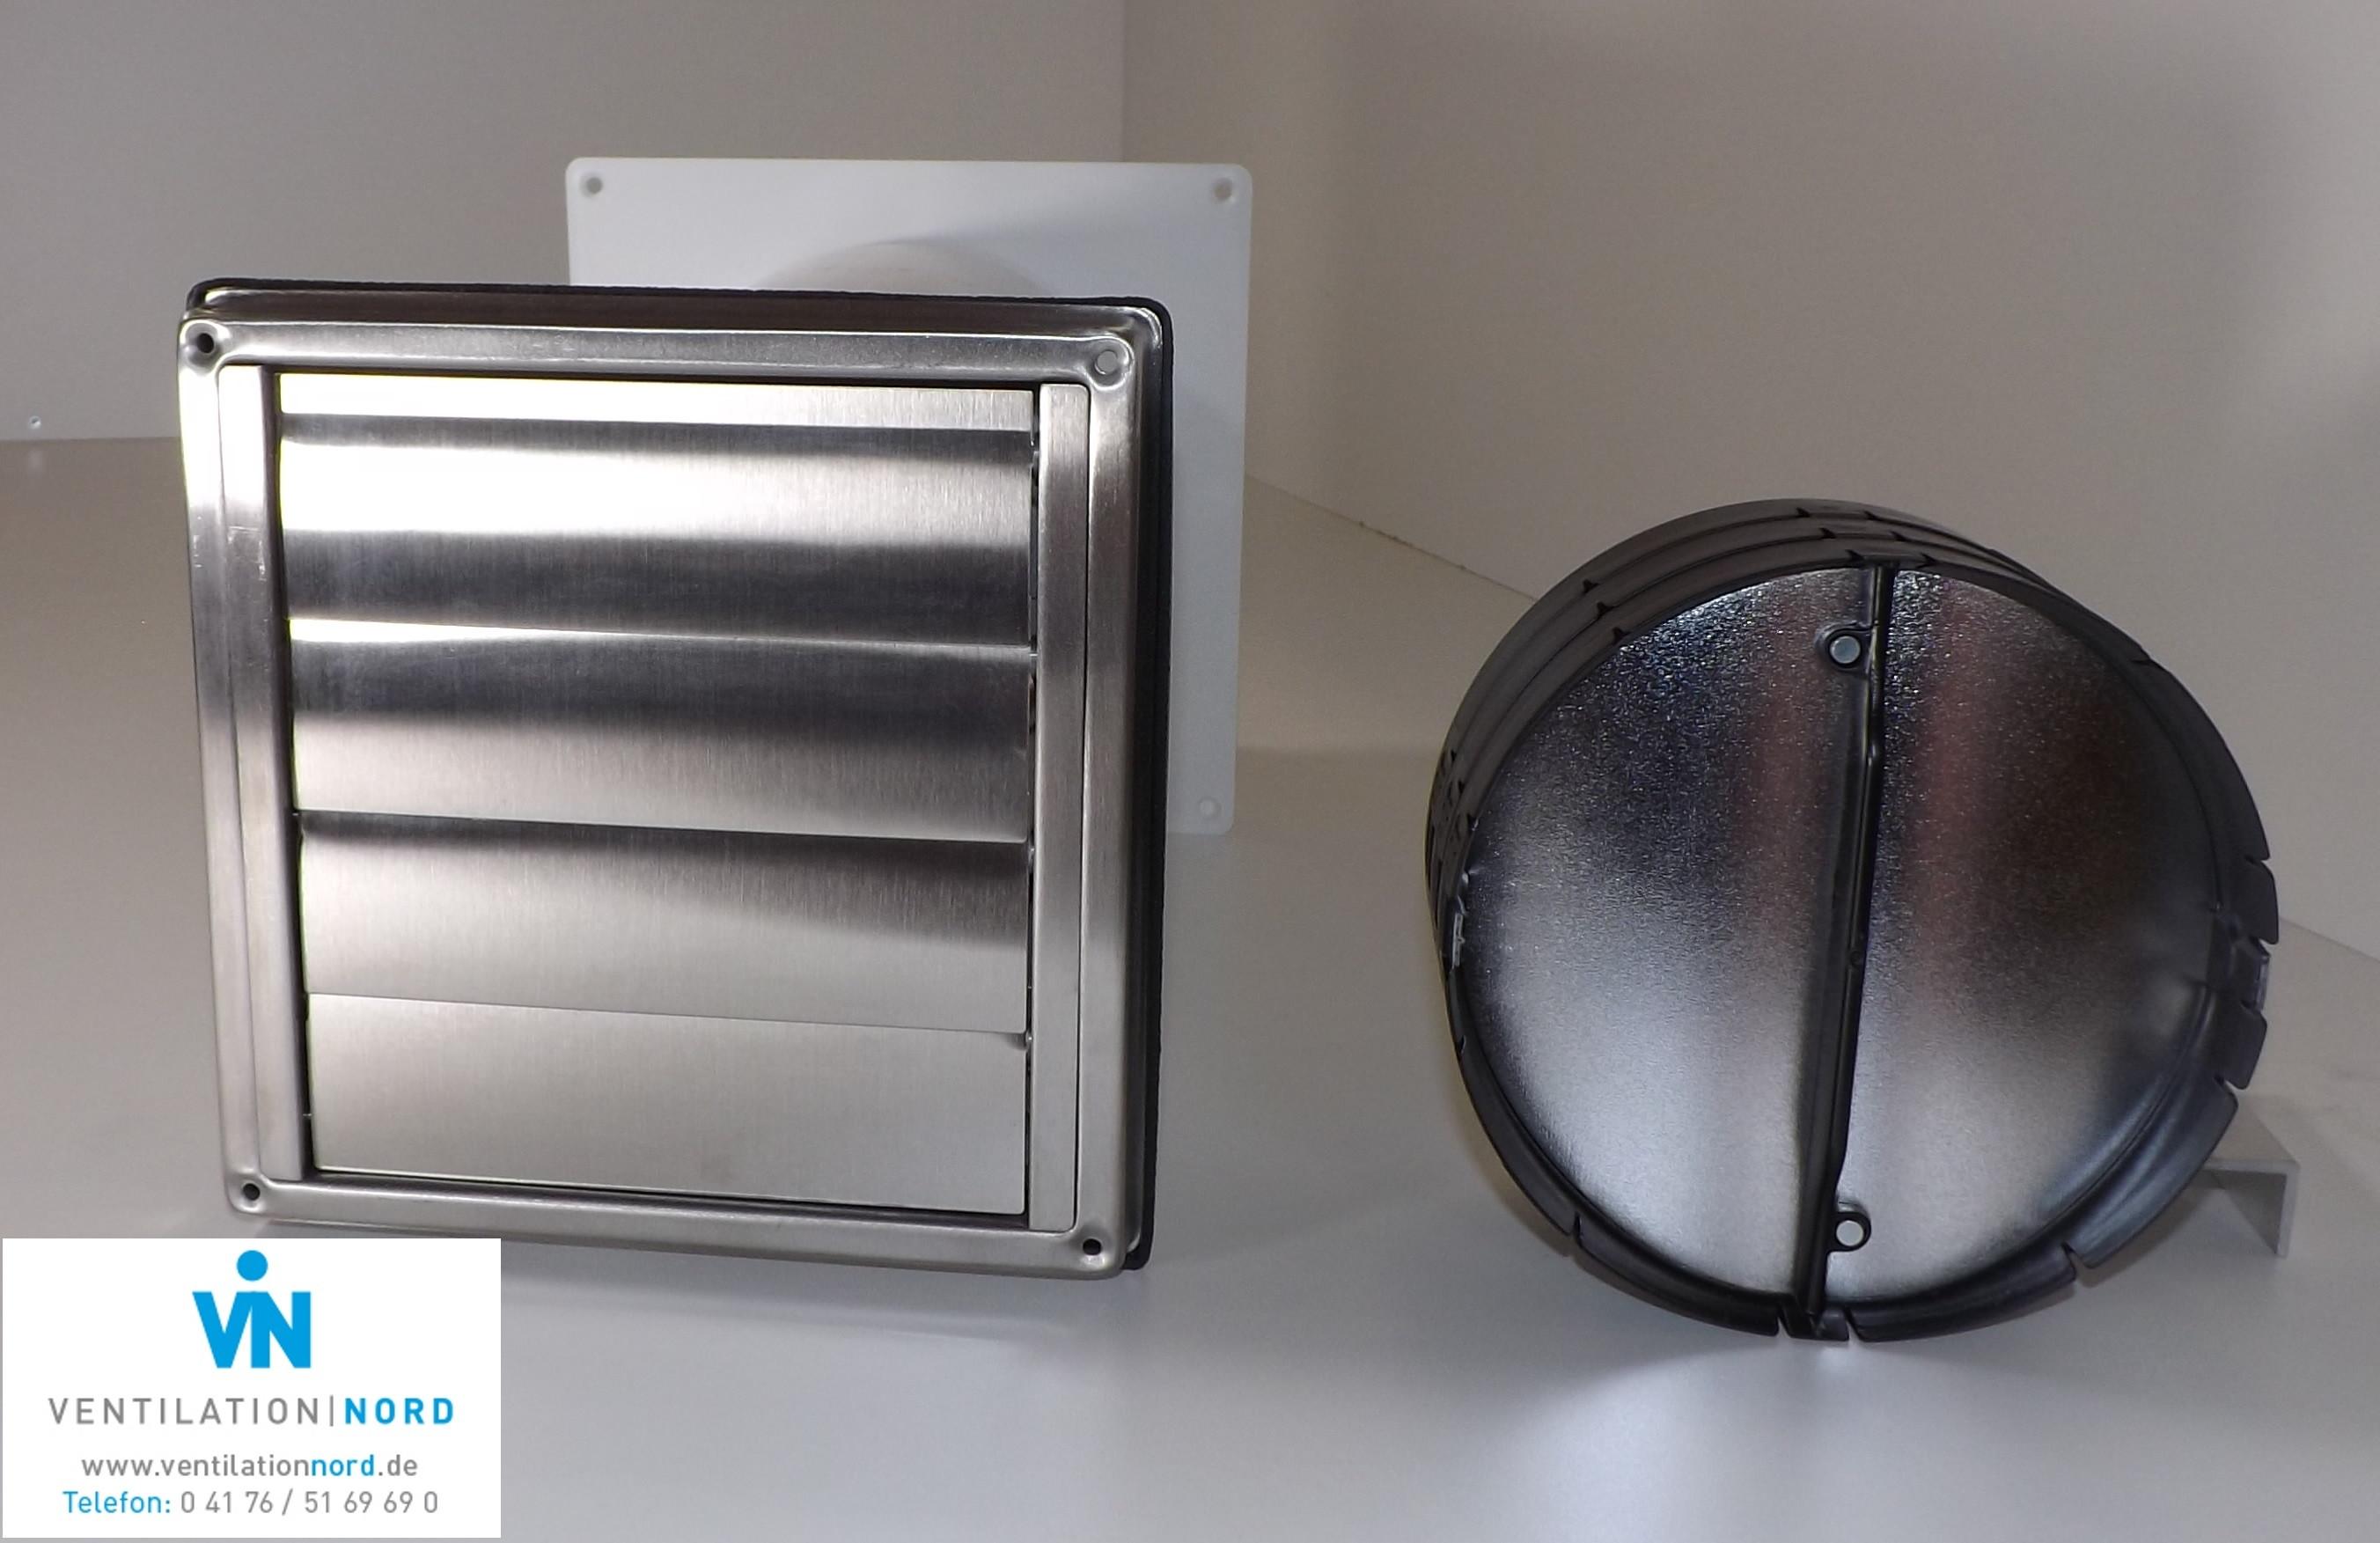 Mauerkasten mit Naber Thermobox für Dunstabzugshauben